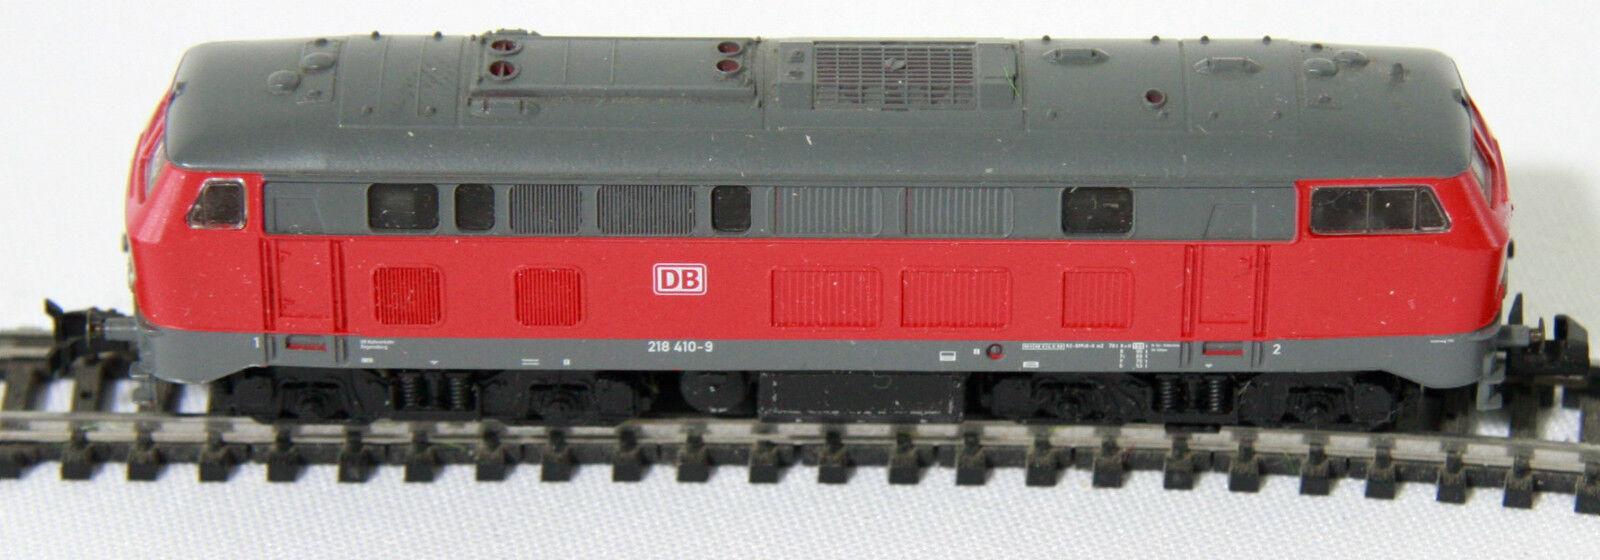 Fleischmann pista n la diesellok DB 218410-9 (pH 2249)